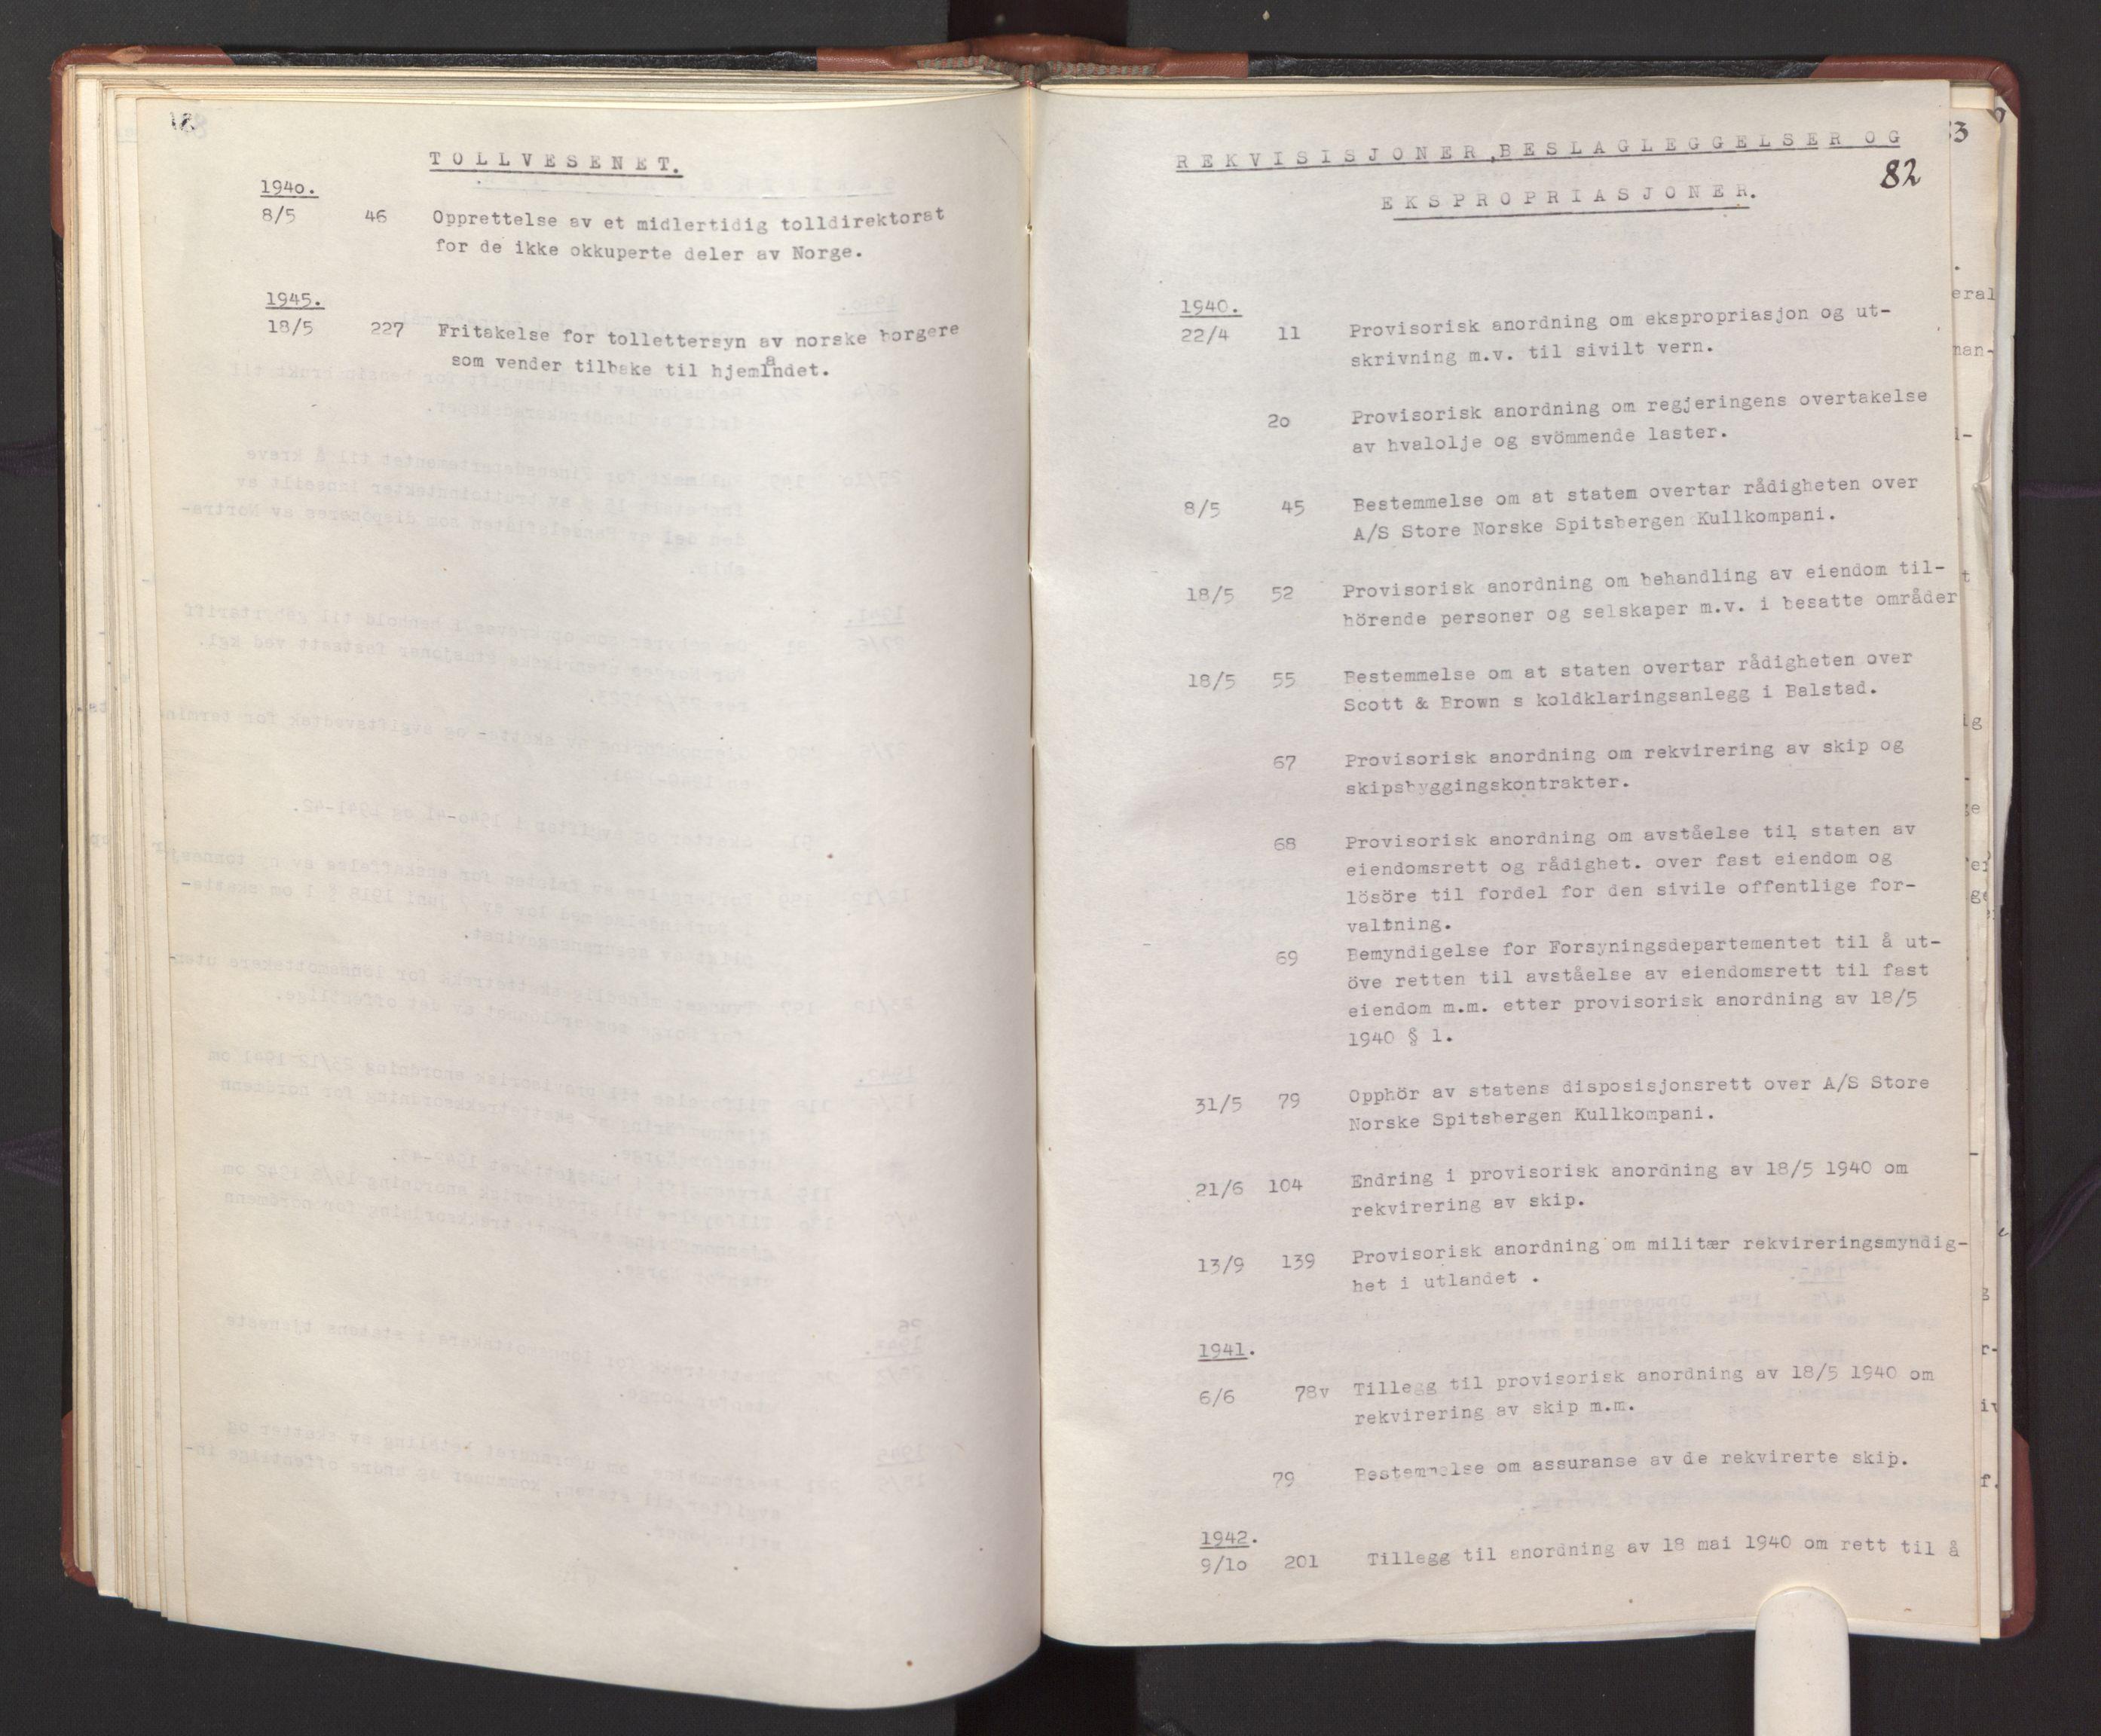 RA, Statsrådssekretariatet, A/Ac/L0127: Register 9/4-25/5, 1940-1945, s. 82